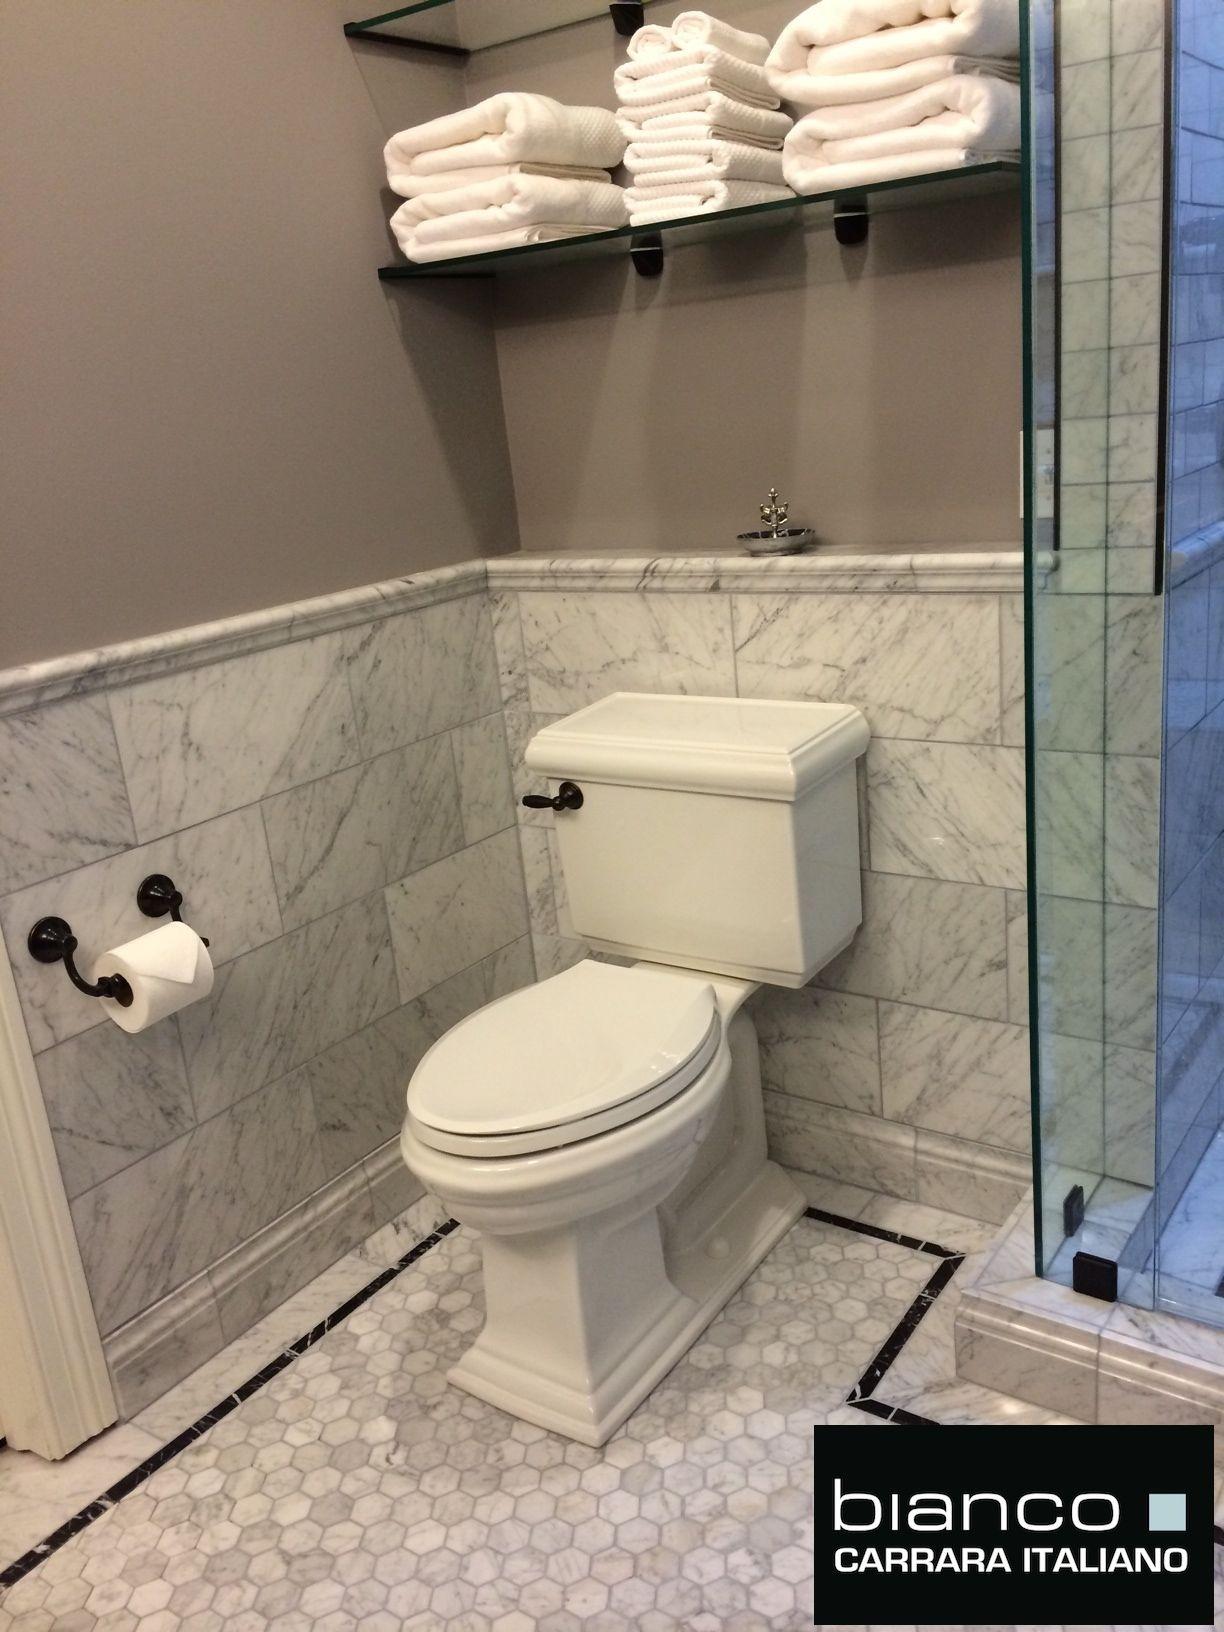 Carrara 8x16 Subway Tile Marble Bathroom Bathroom Floor Tiles Carrara Marble Bathroom